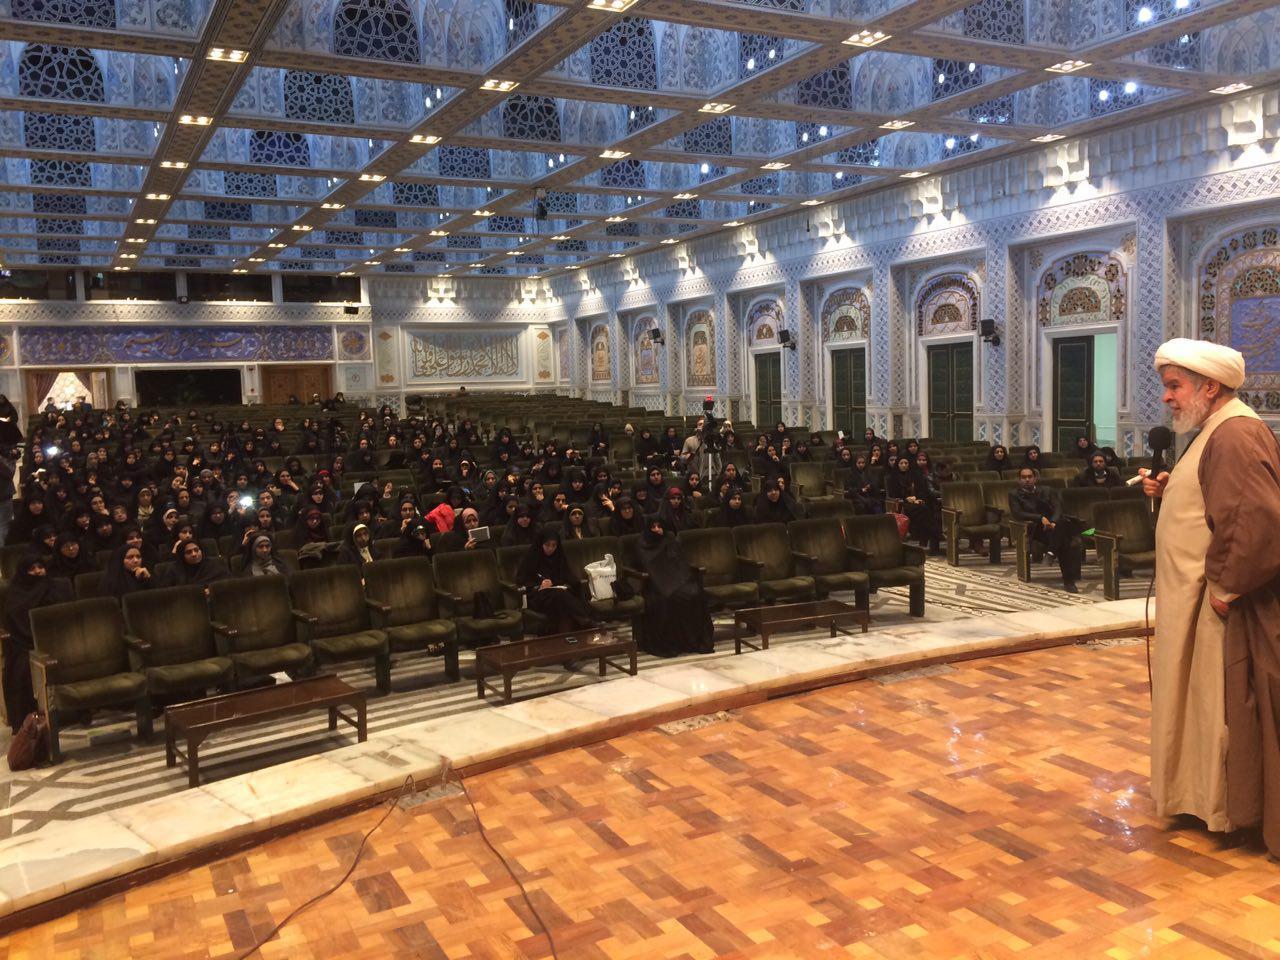 برگزاری سومین جشنواره غنچههای امید در حرم مطهر رضوی